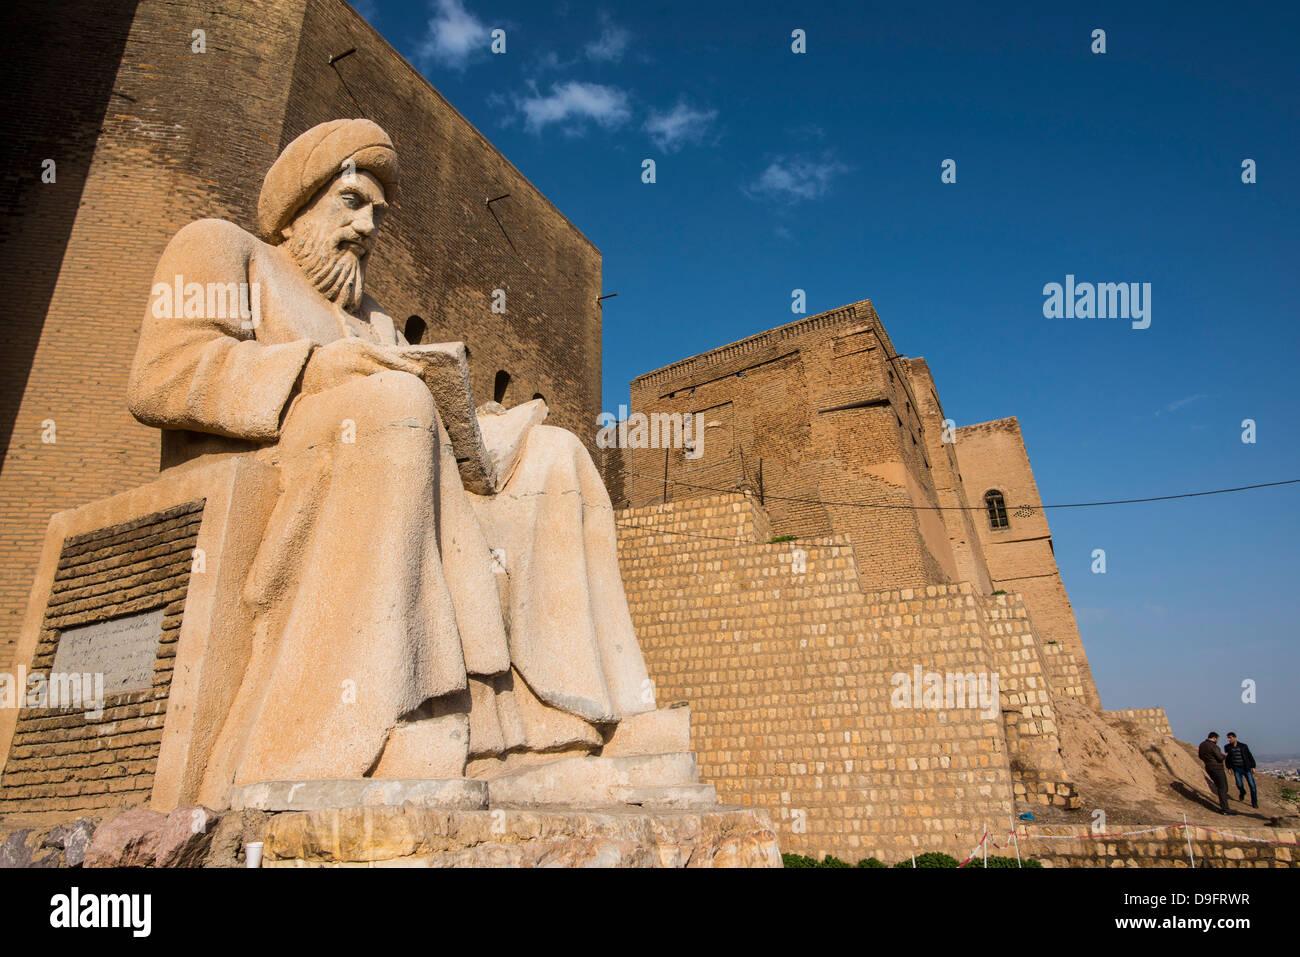 Statue von Mubarek Ahmed Sharafaddin vor der Zitadelle von Erbil (Hawler), Hauptstadt von Kurdistan-Irak, Irak, Stockbild